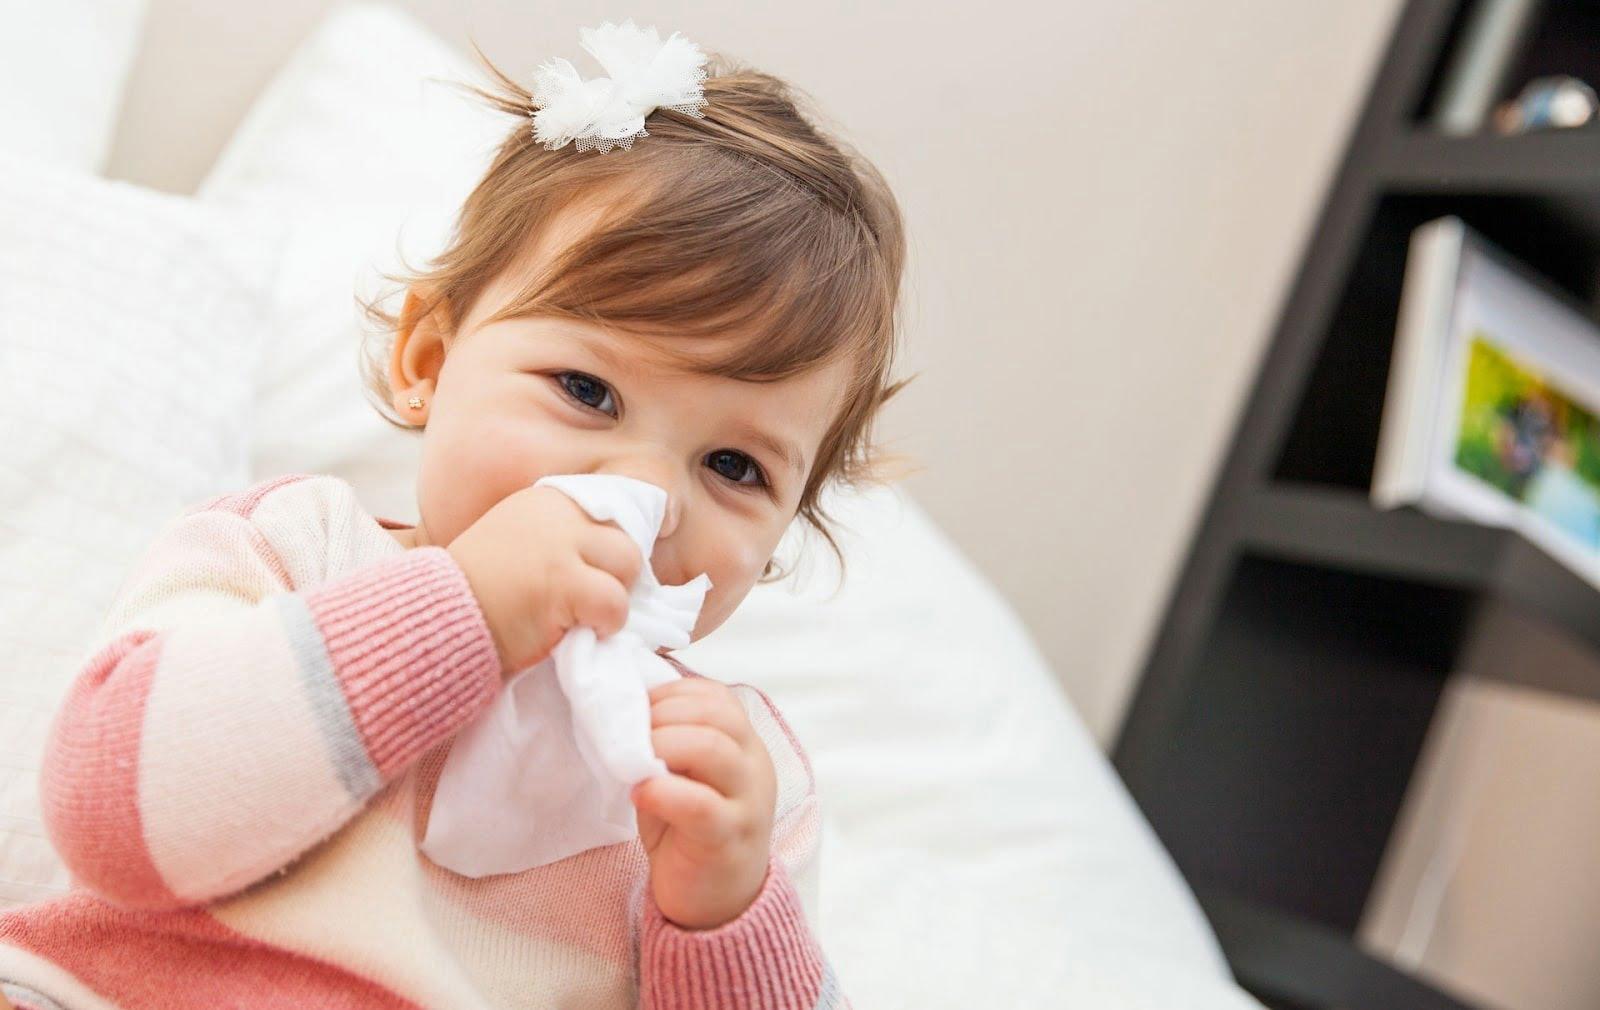 Thuốc kháng sinh không có tác dụng trong trường hợp trẻ bị viêm phế quản do virus